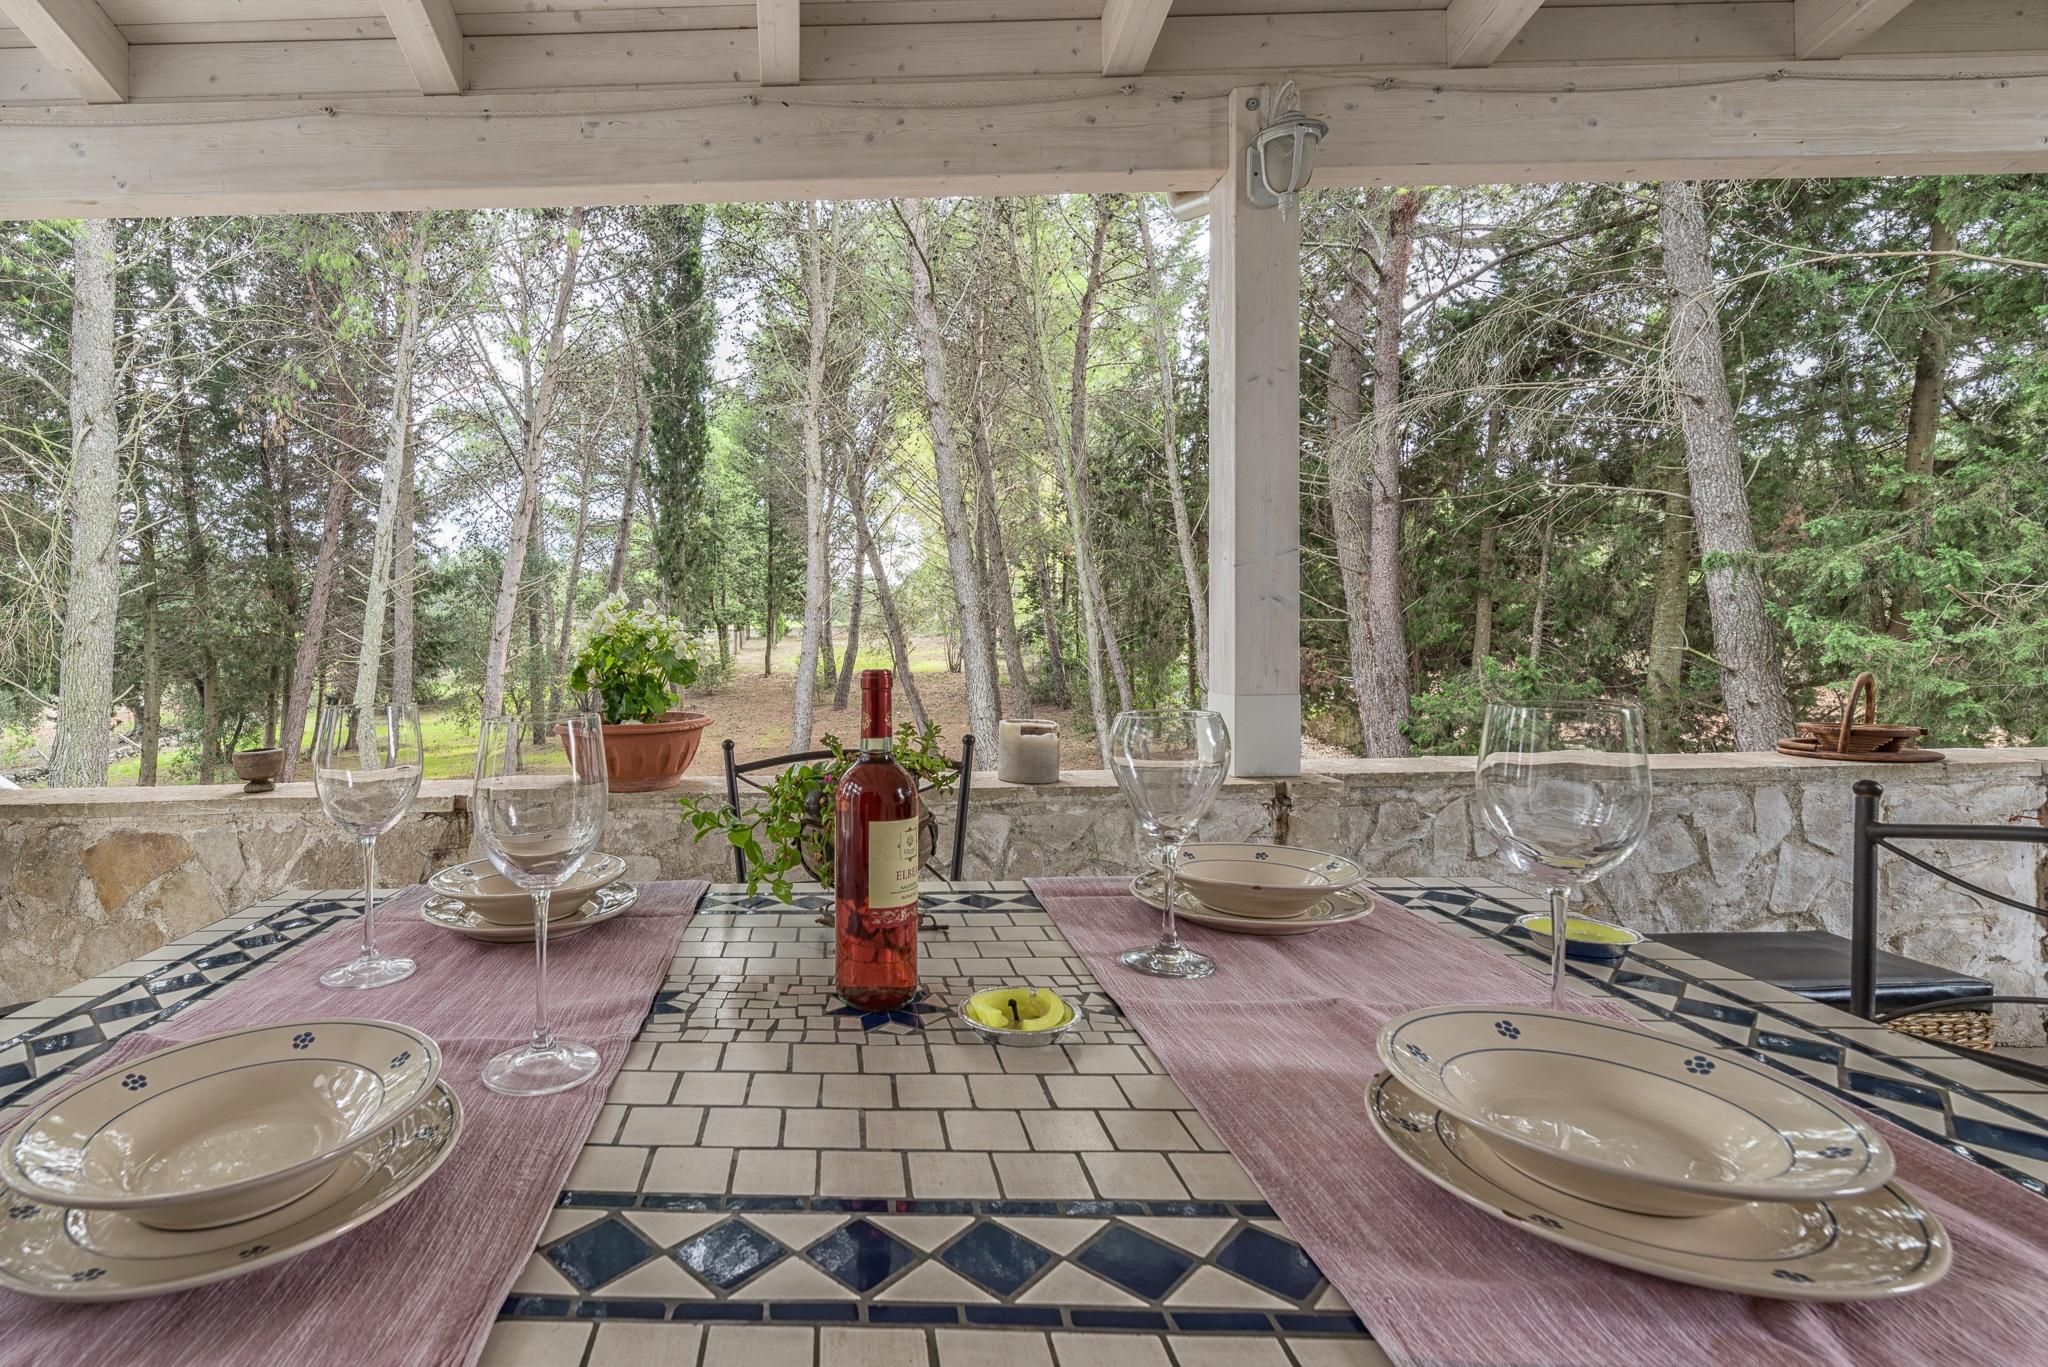 tavolo apparecchiato sotto portico con vista giardino